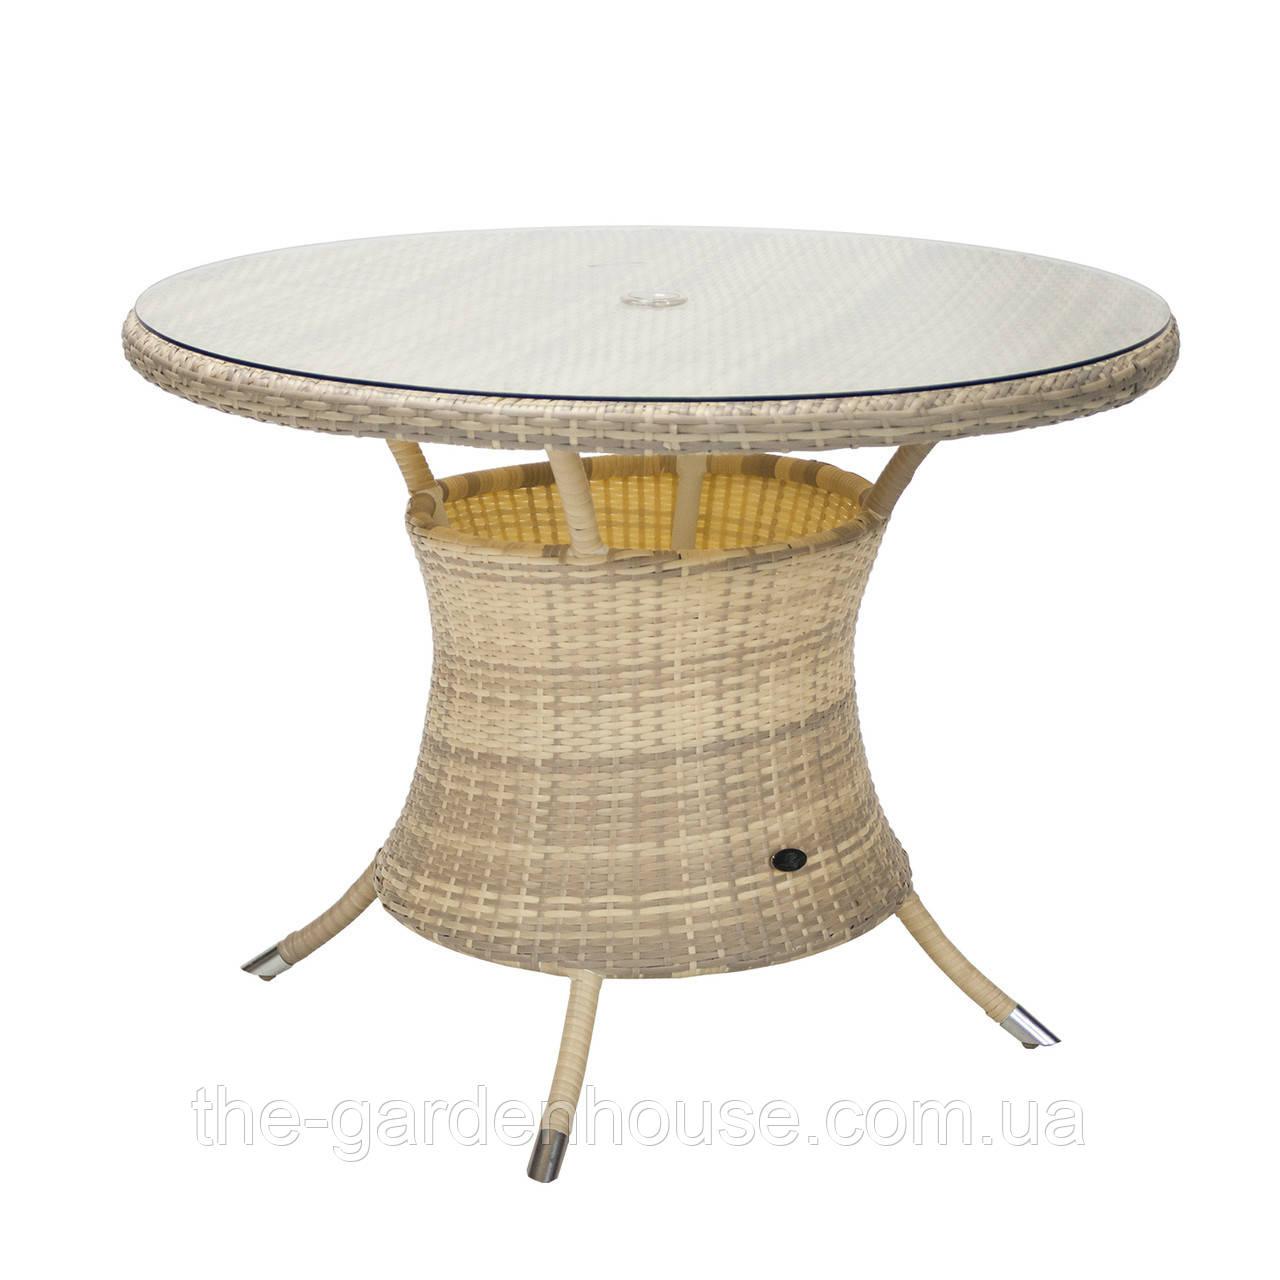 Обеденный стол Викер из искусственного ротанга Ø 100 см светло-бежевый